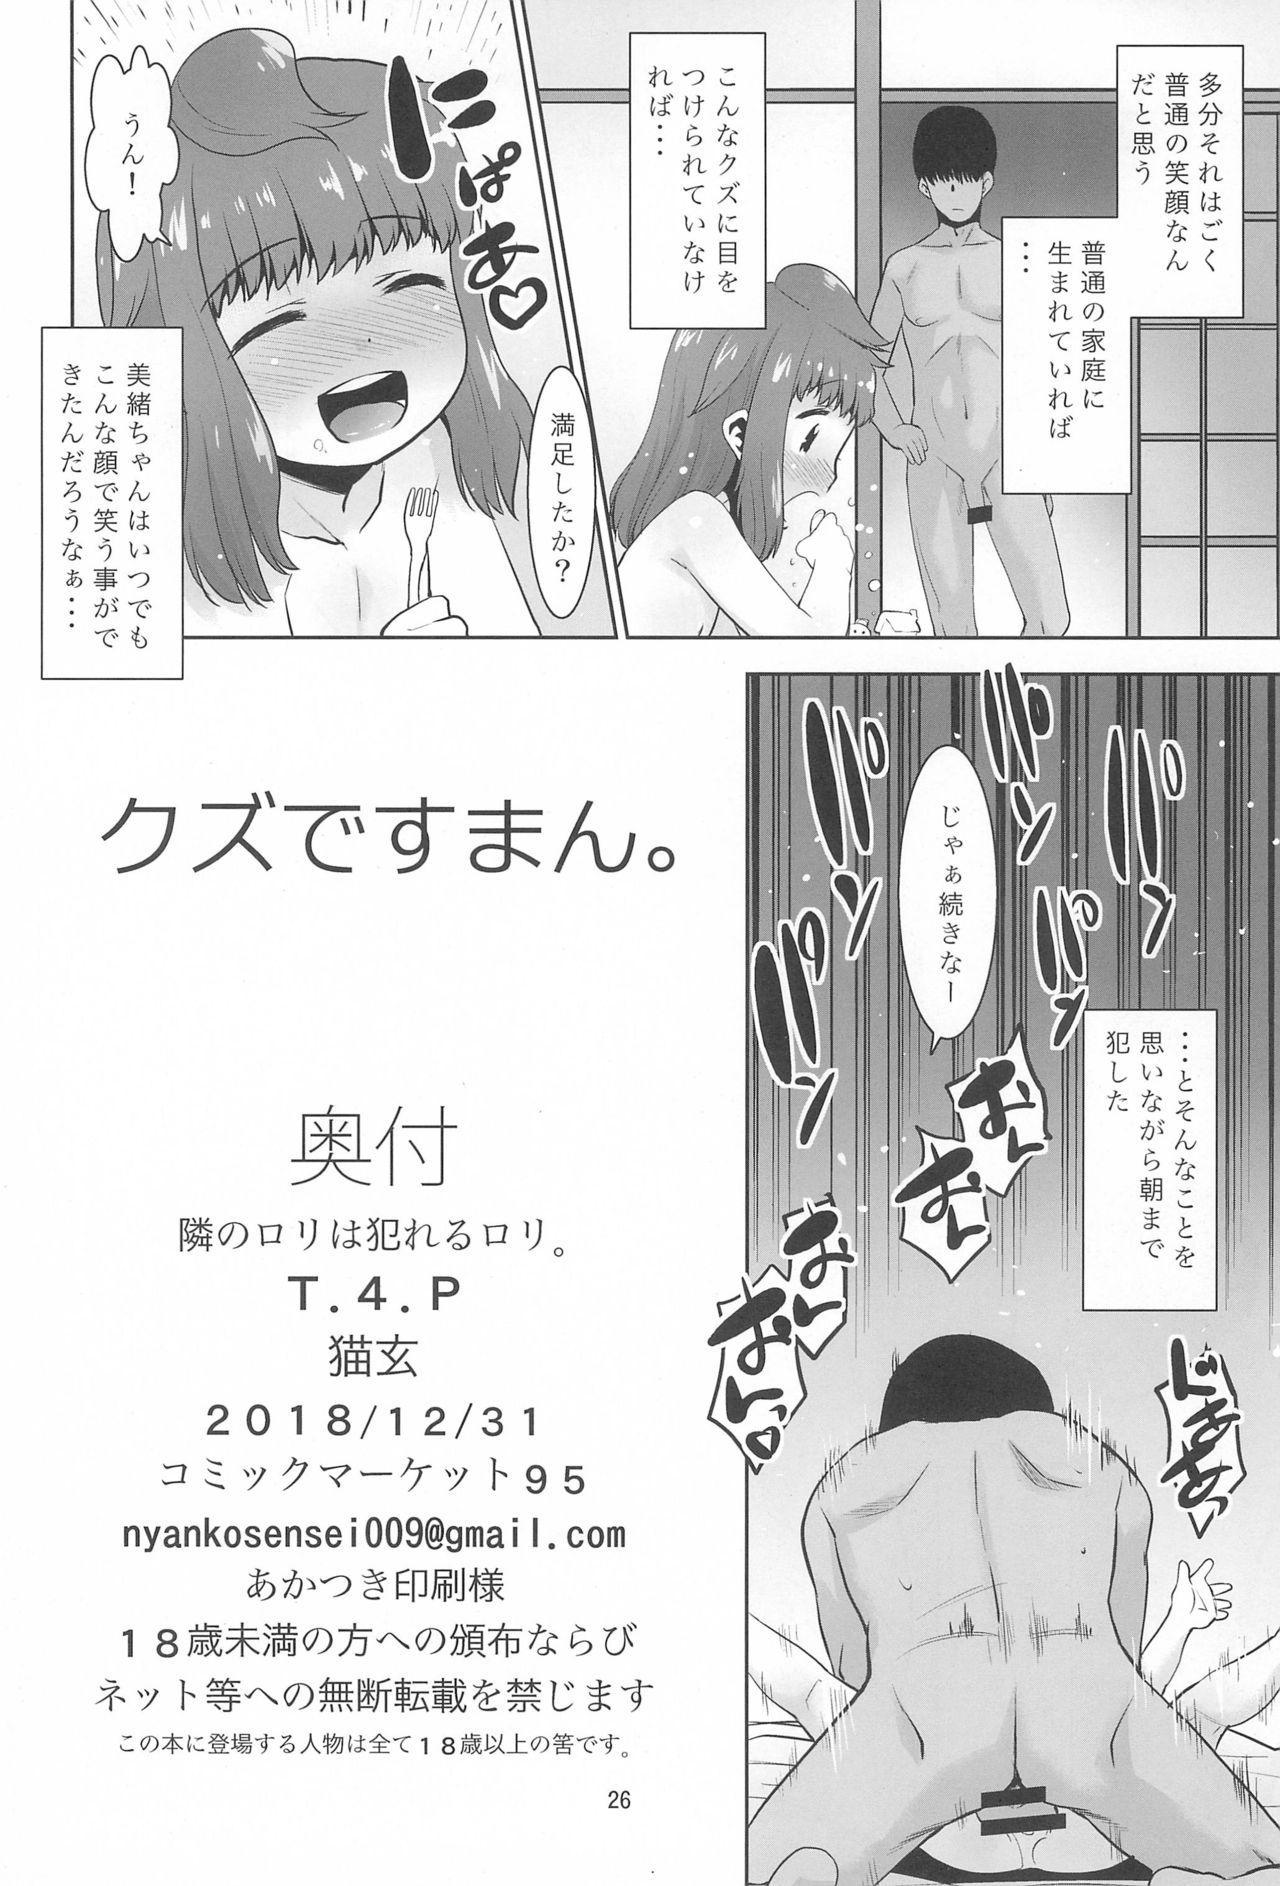 Tonari no Loli wa Yareru Loli. 25